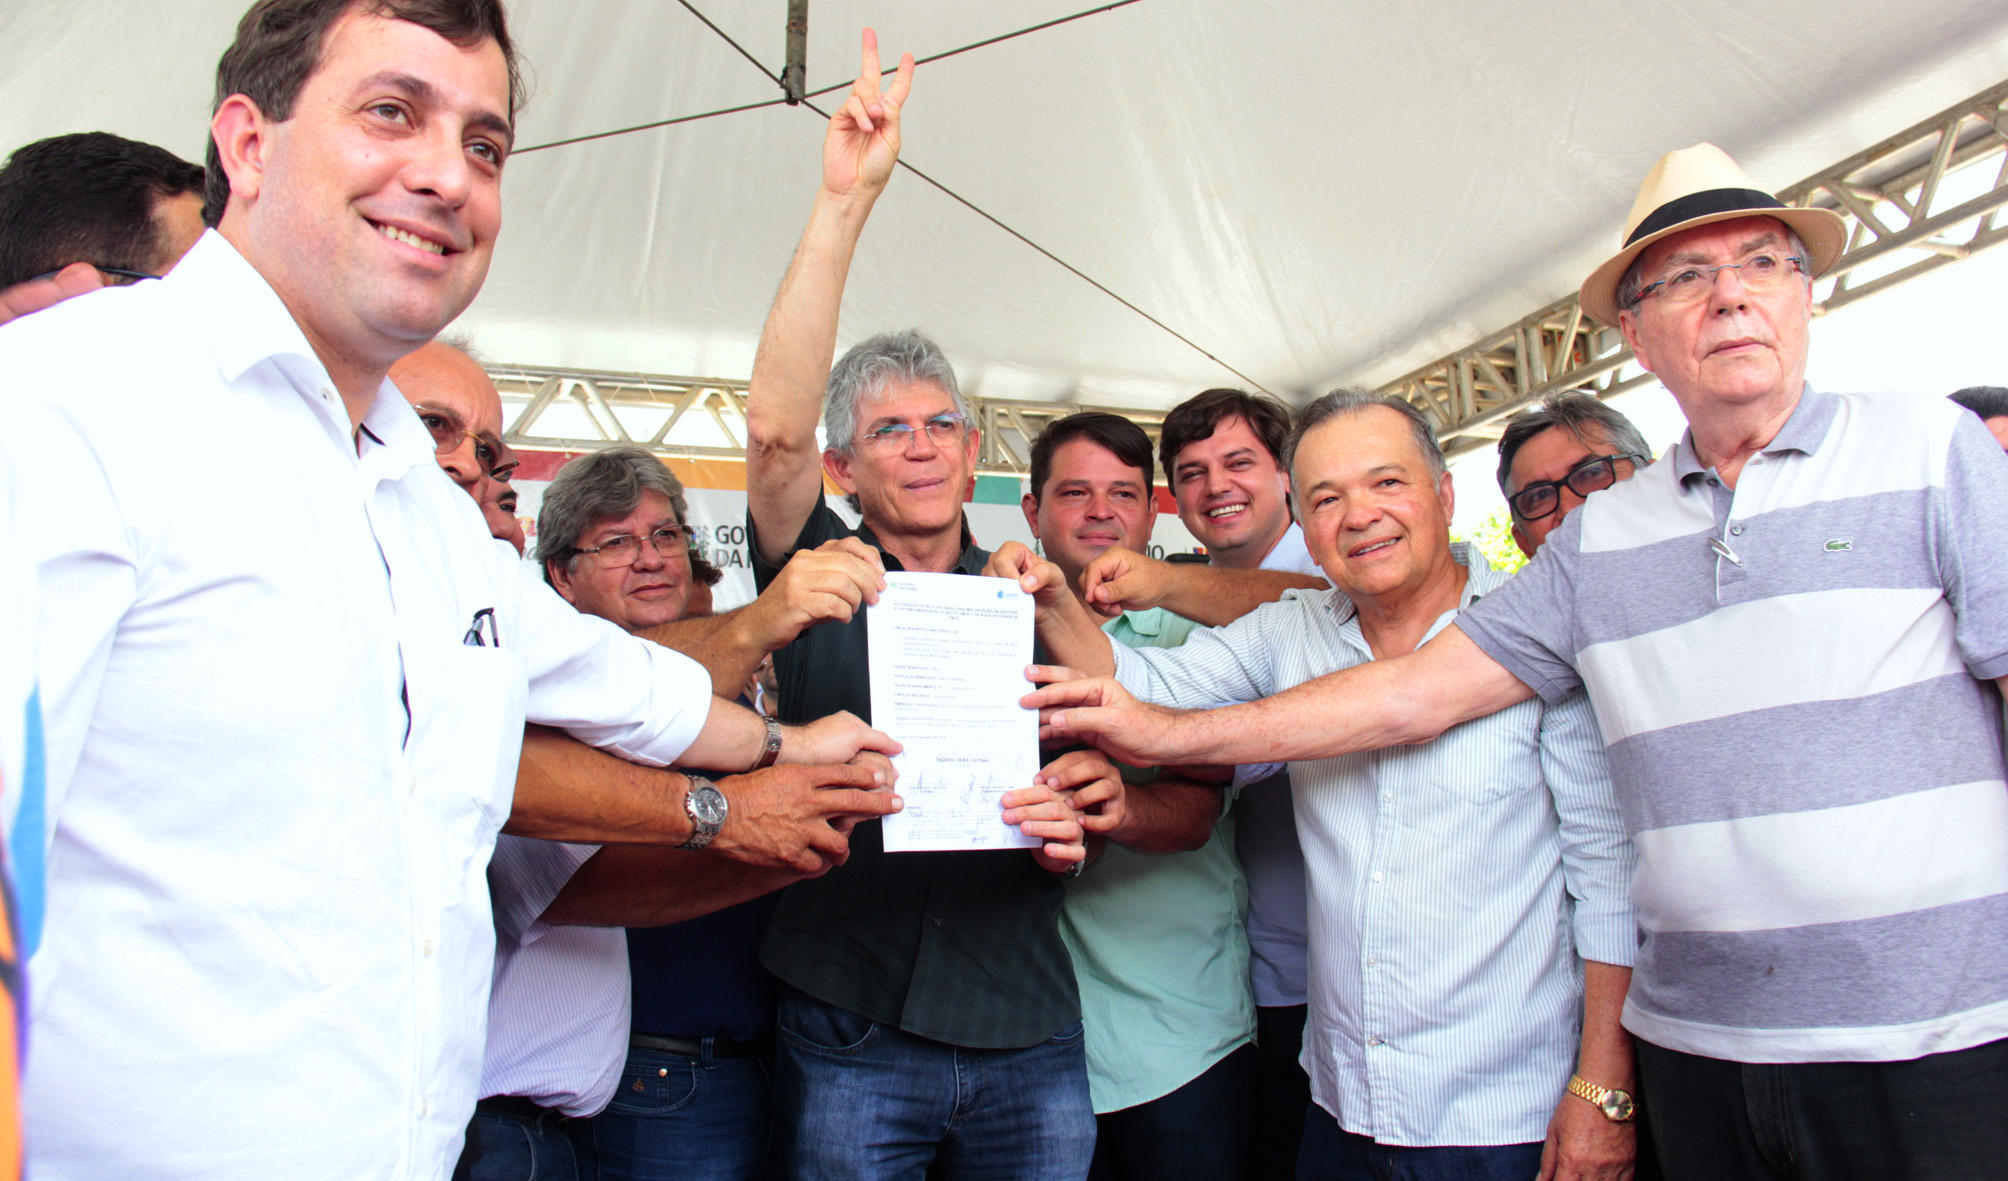 ricardo assina ordem de servico para construcao de adutora na cidade de emas foto jose marques (4)